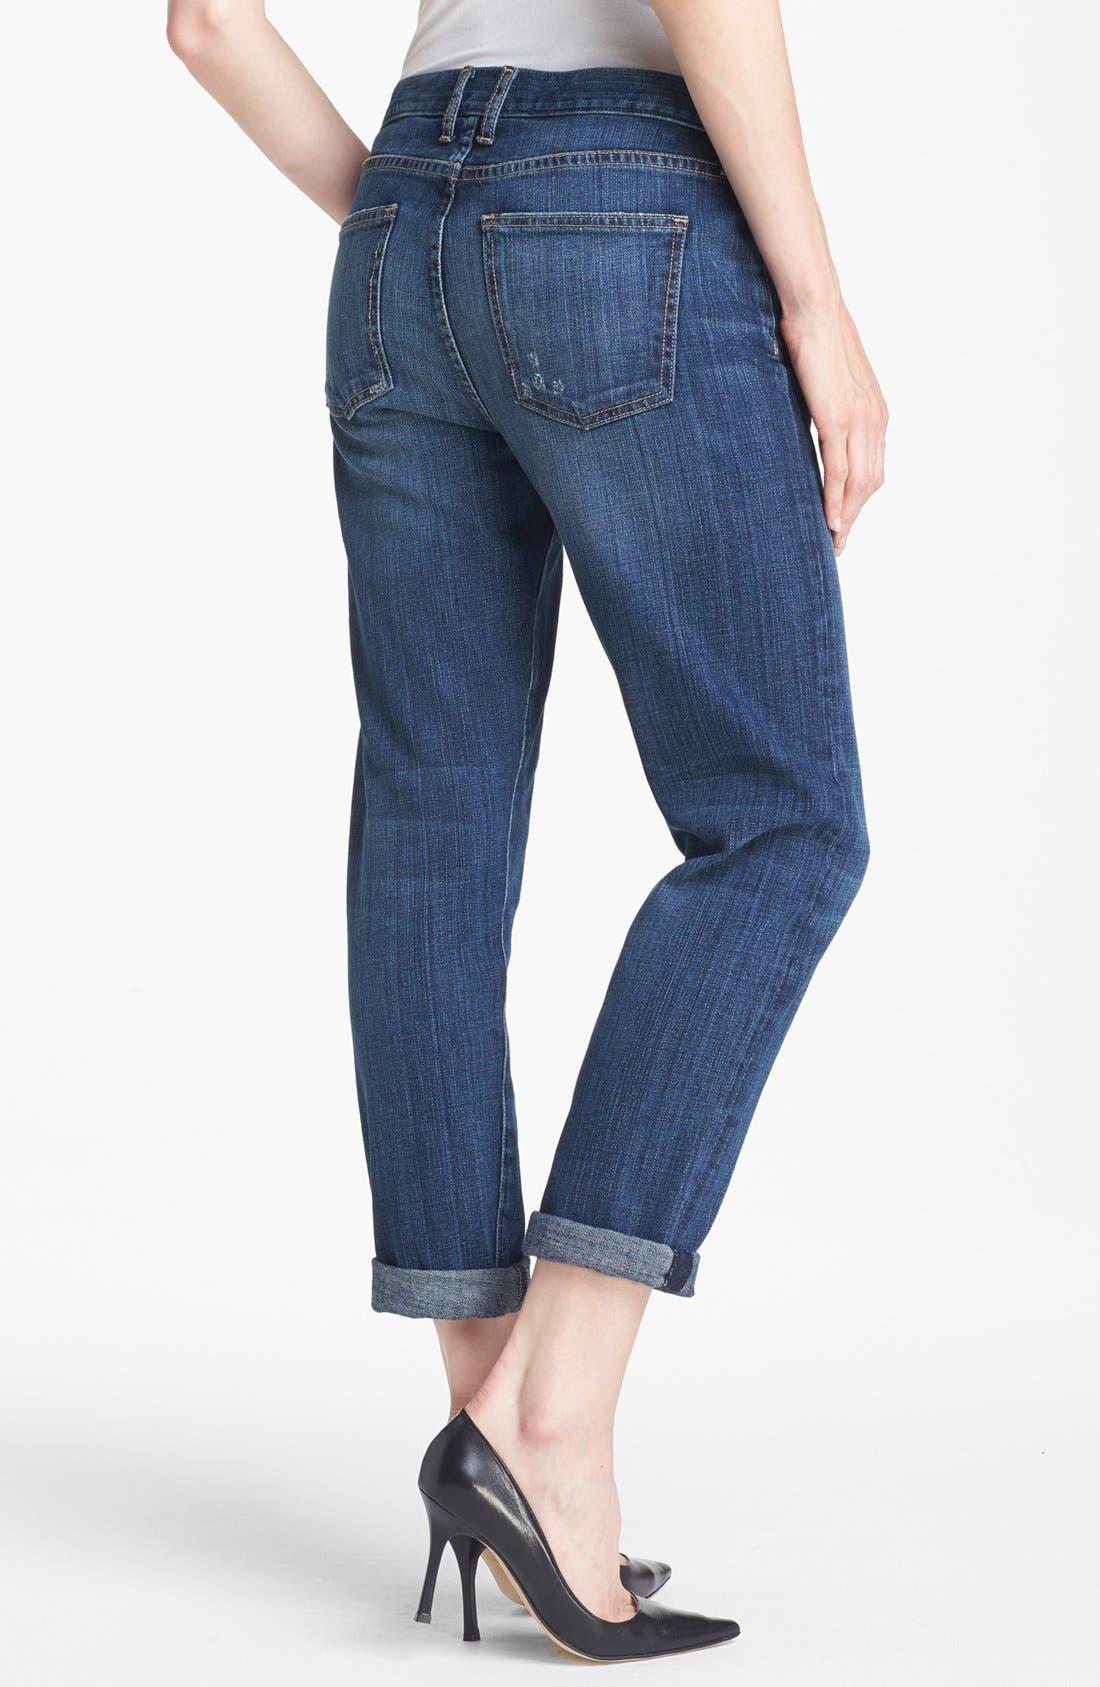 Alternate Image 2  - Current/Elliott 'The Fling' Rolled Jeans (Loved)